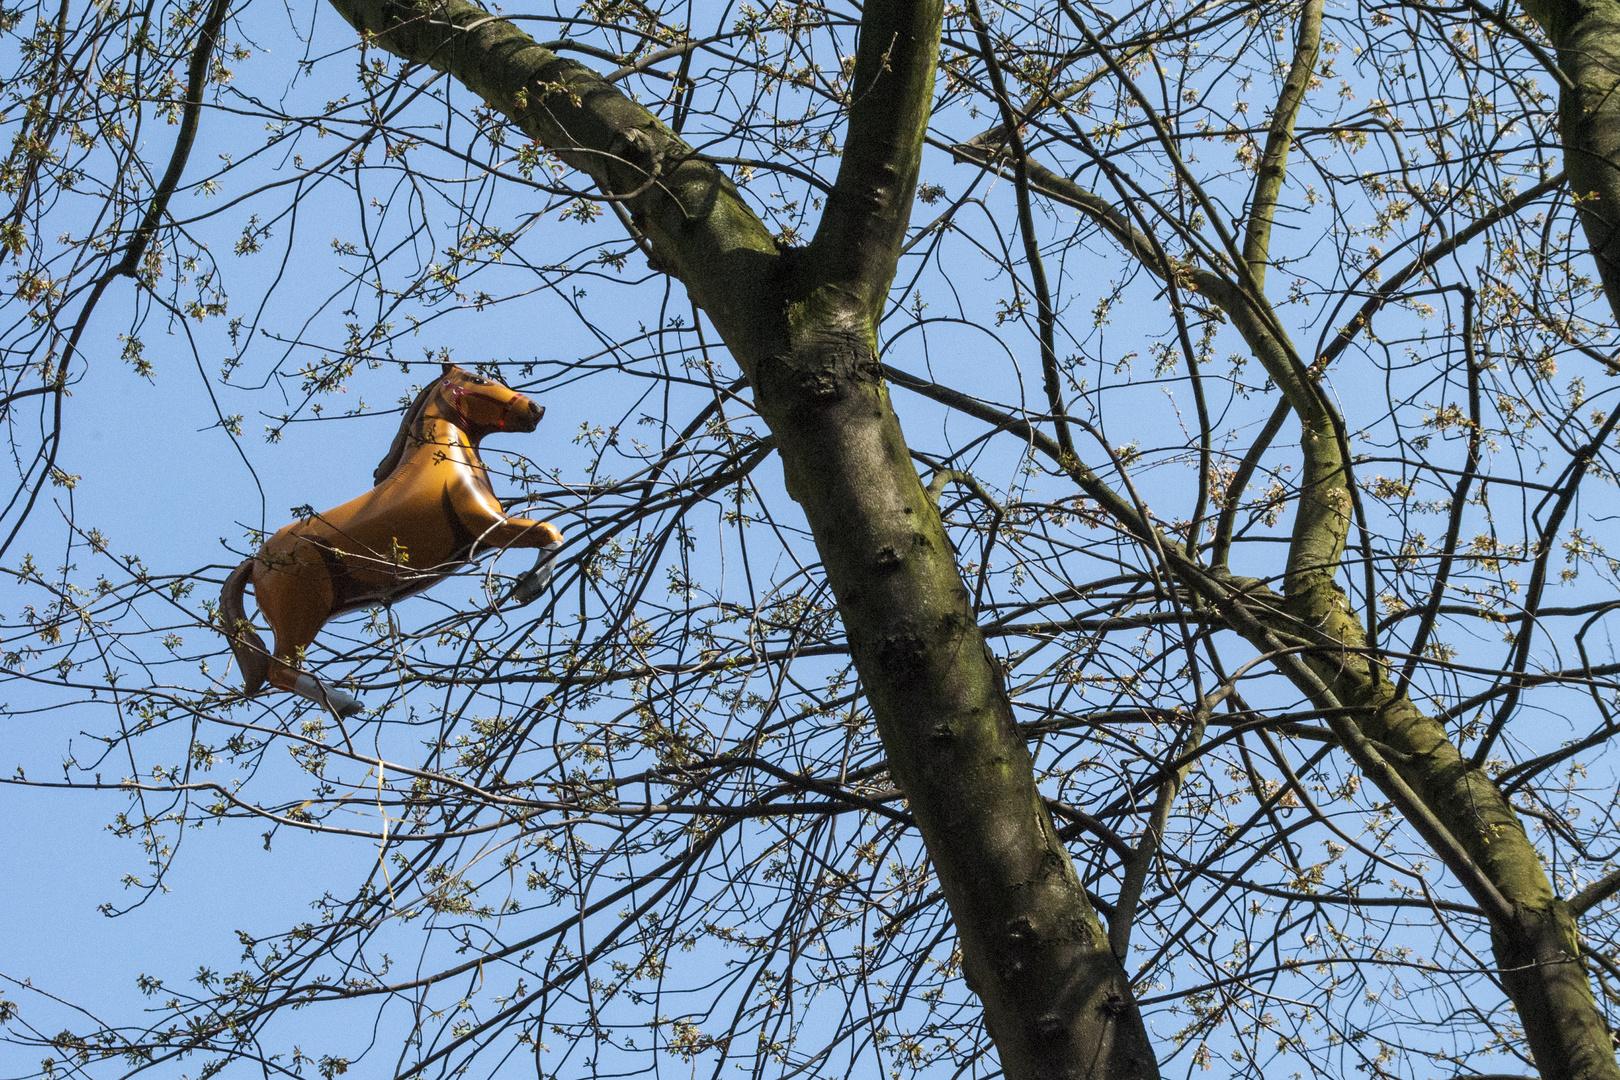 Da hängt ein Pferd im Baum II